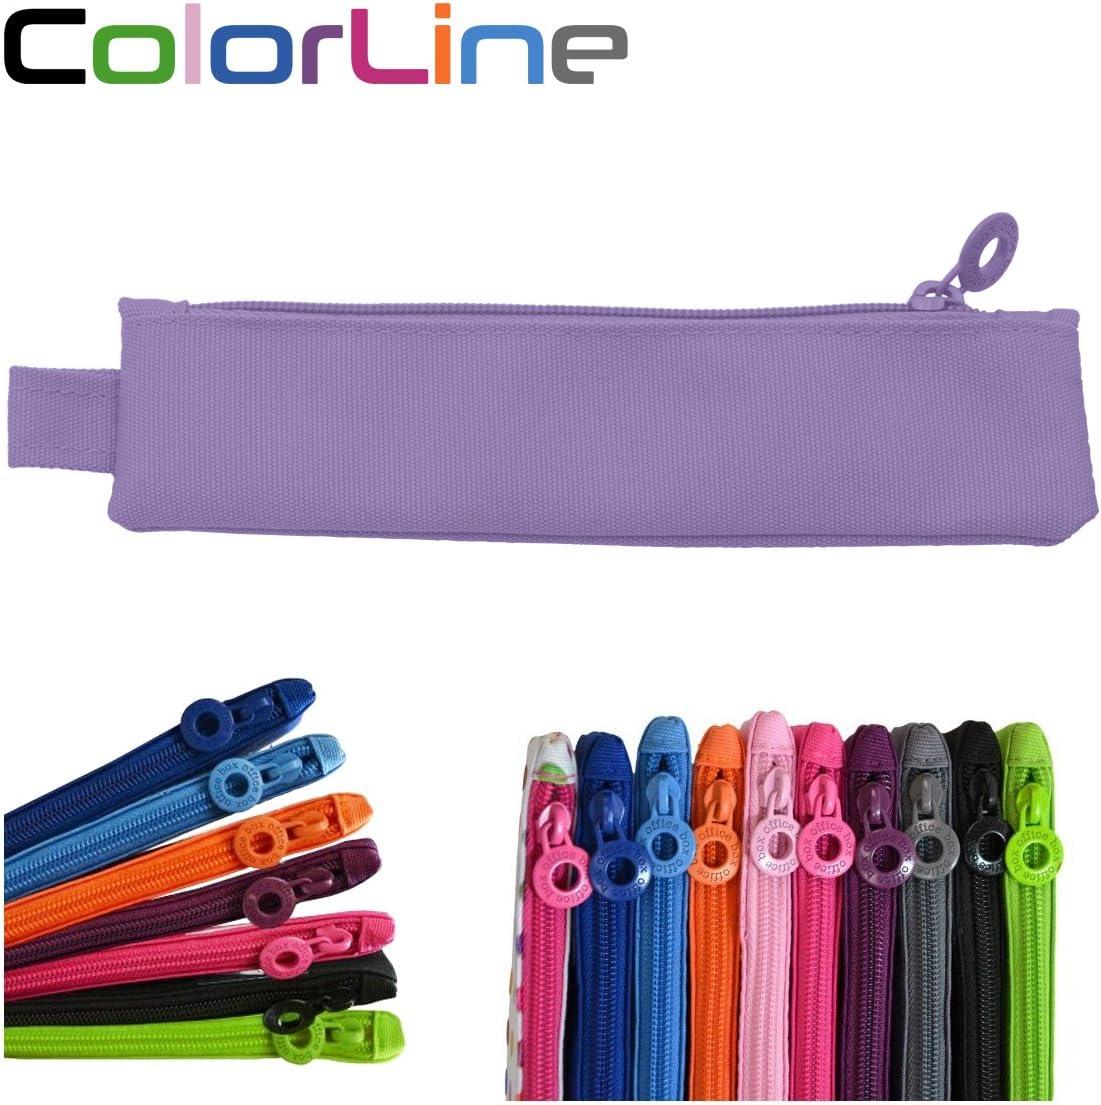 Colorline 59411 - Portatodo Mini, Estuche Multiuso para Viaje, Material Escolar, Neceser y Pequeños Objetos, Color Lila, Medidas 20 cm x 5 cm: Amazon.es: Oficina y papelería